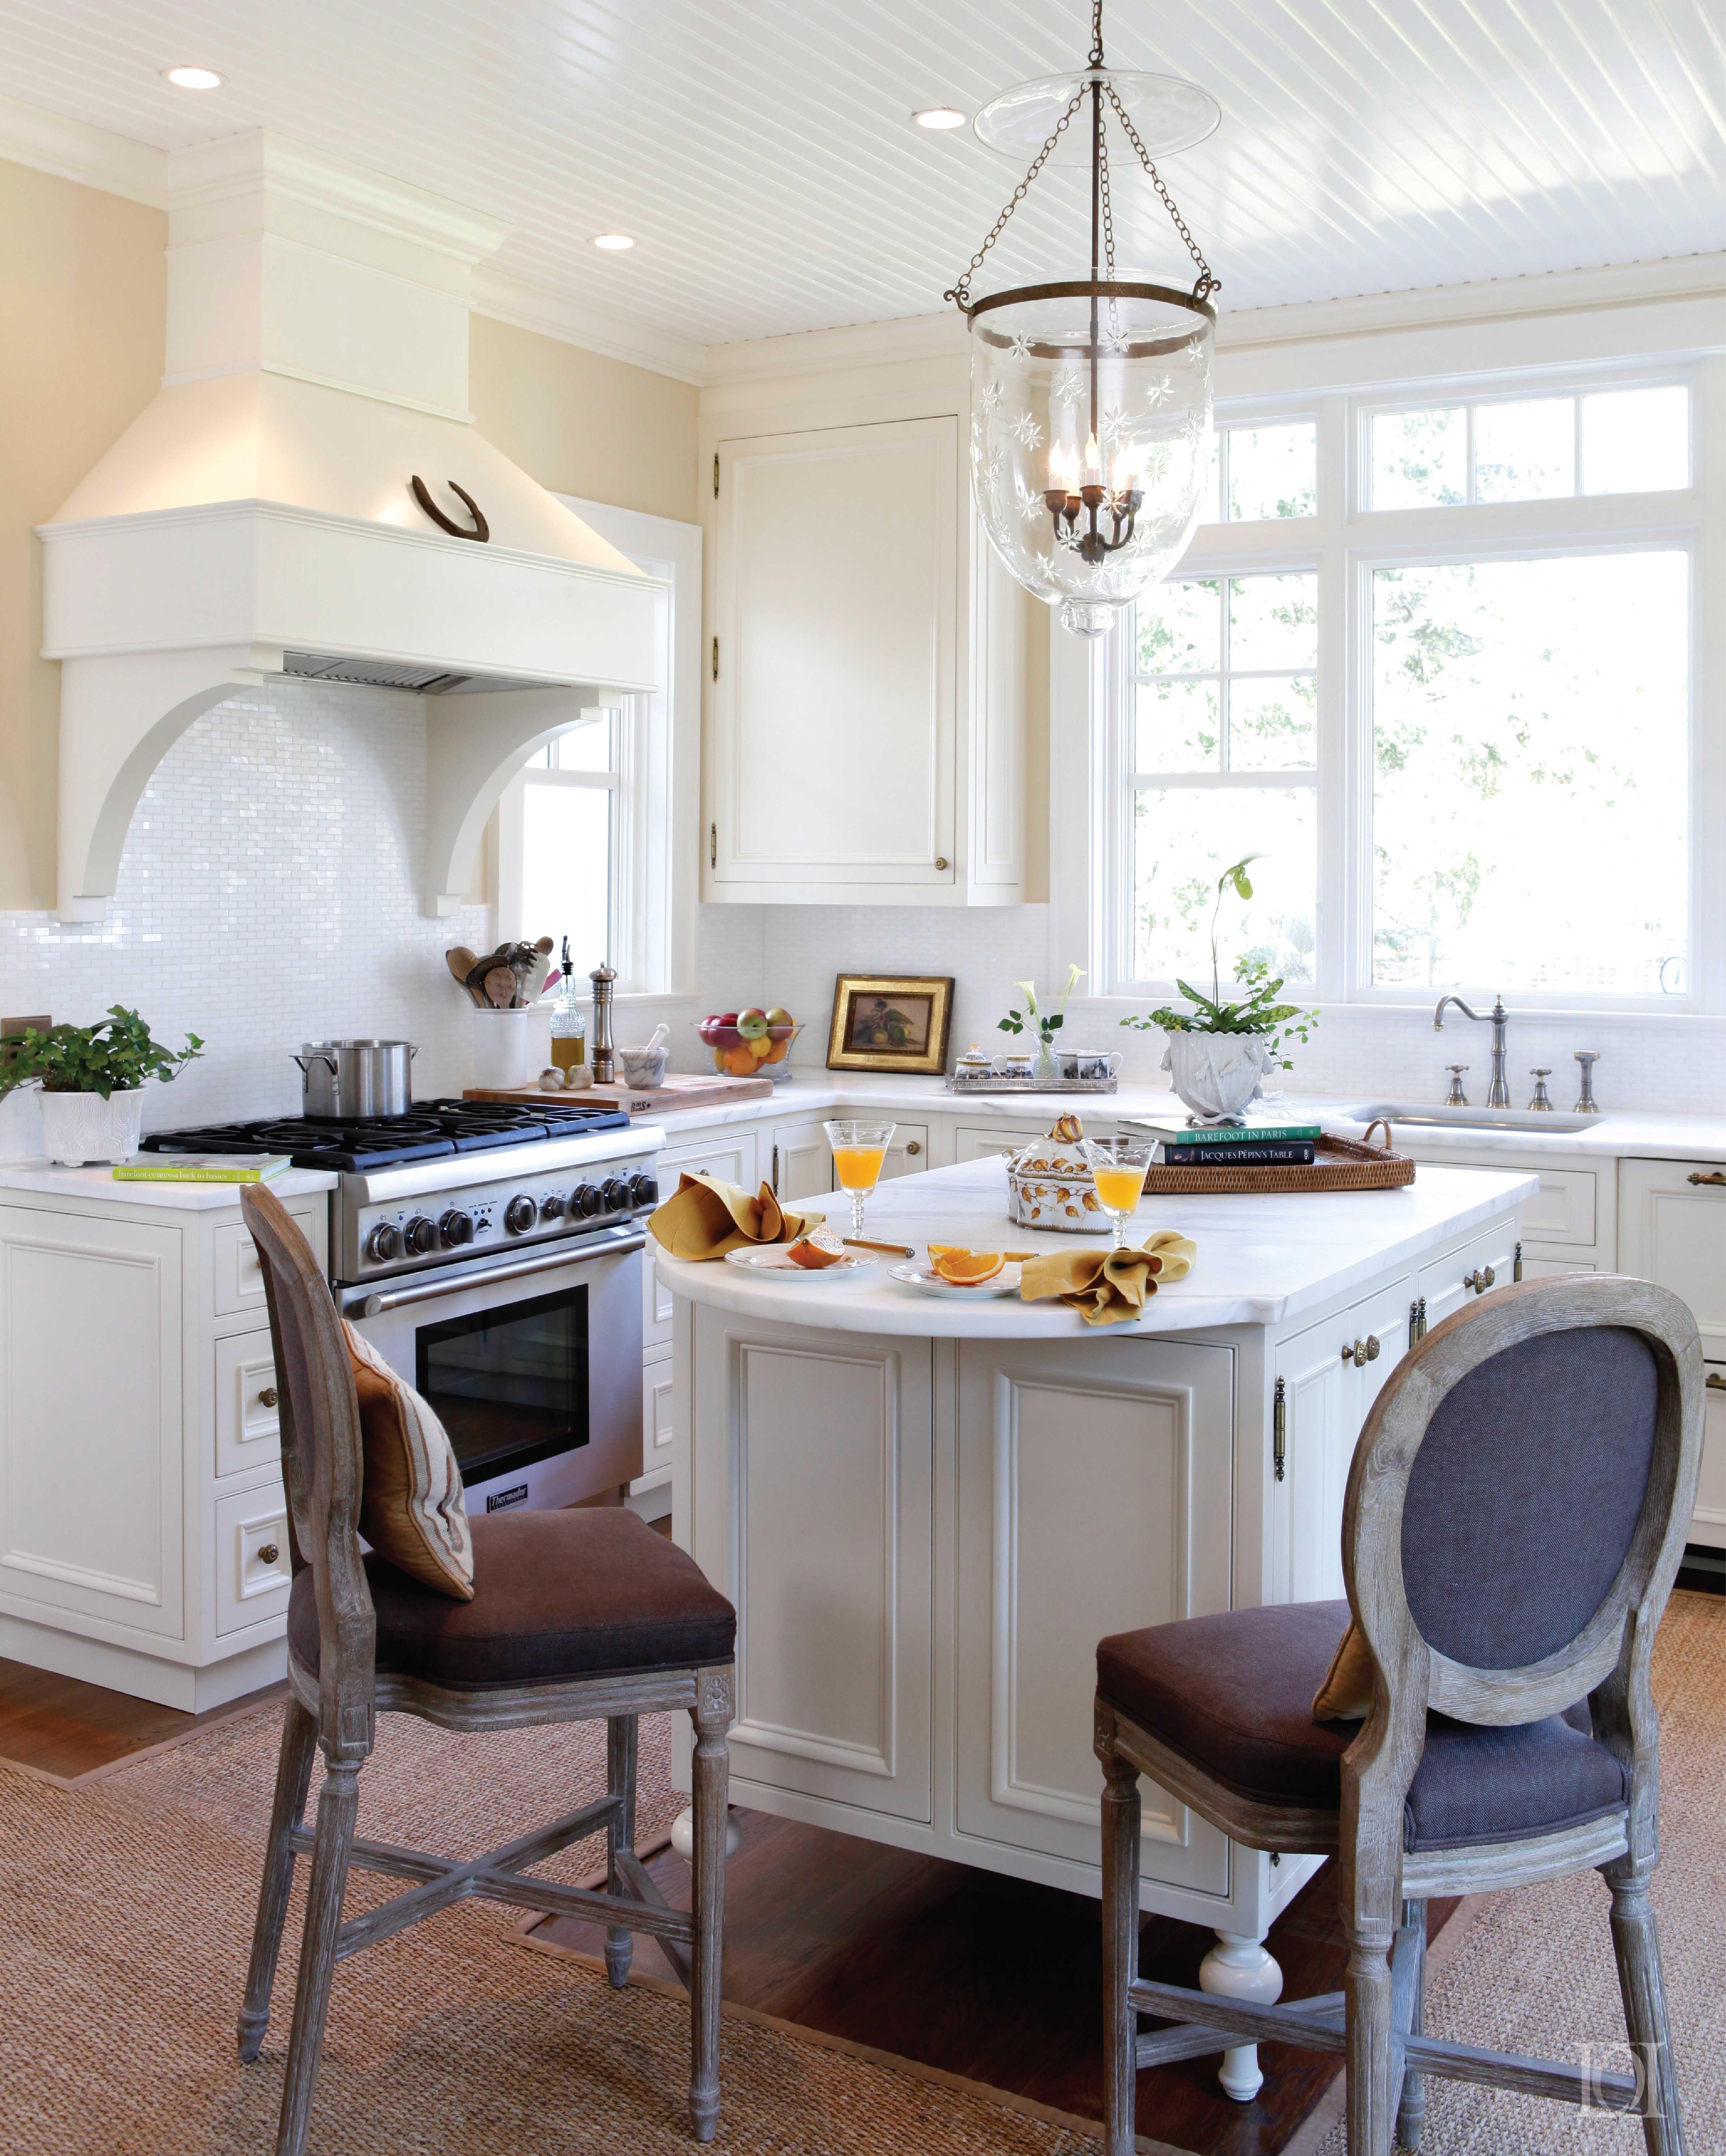 28 Stylish Range Hoods Ideas For Kitchen Hoods For Ovens